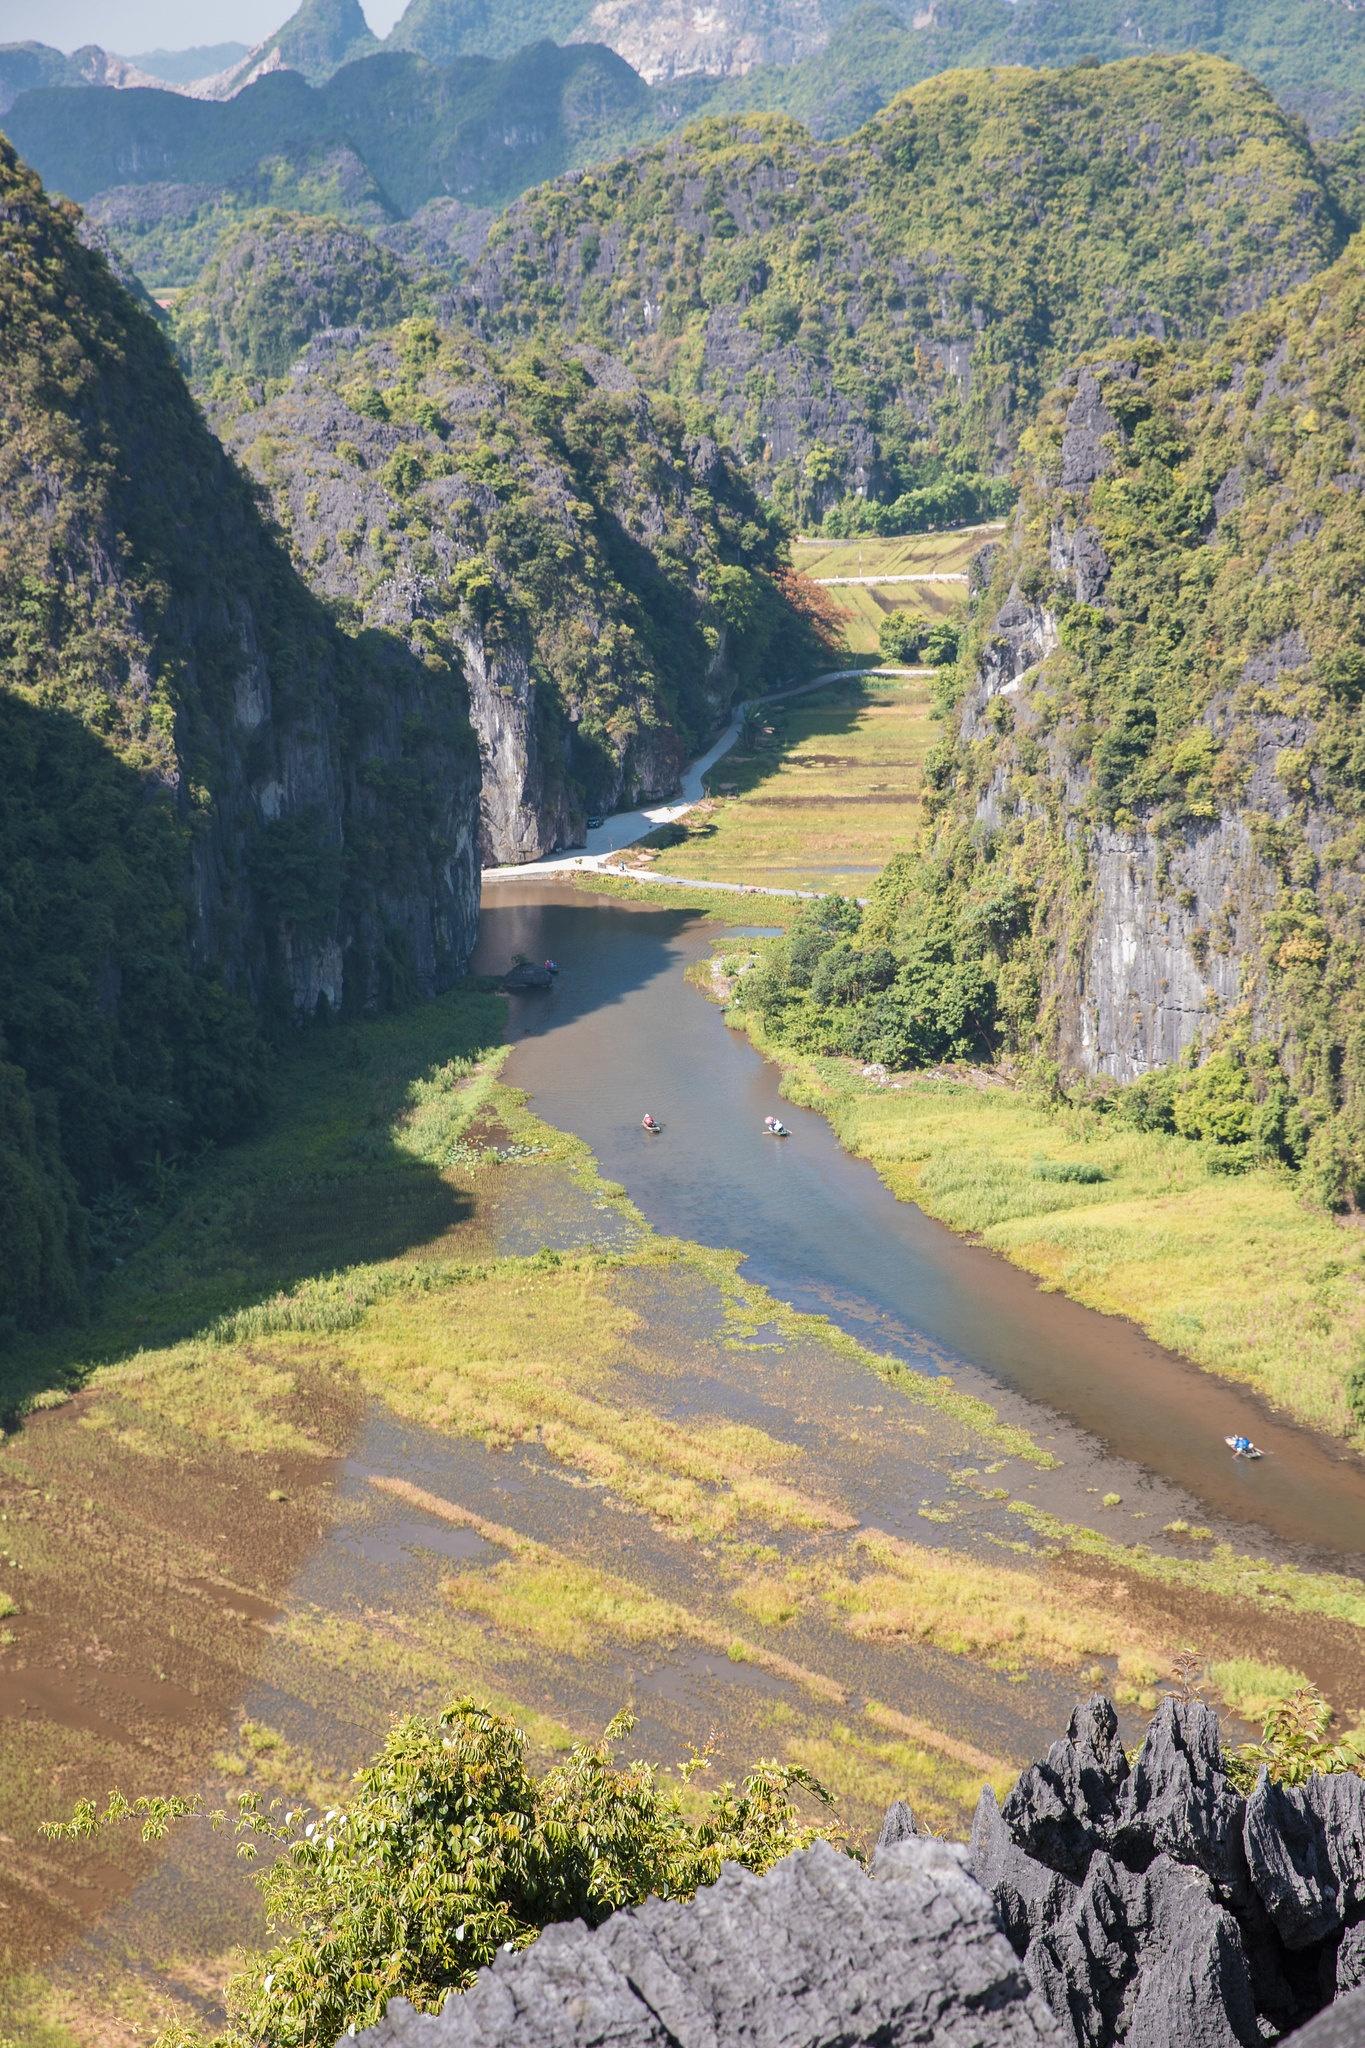 Cảnh đẹp ở cánh đồng sen Ninh Bình - Ảnh 5.